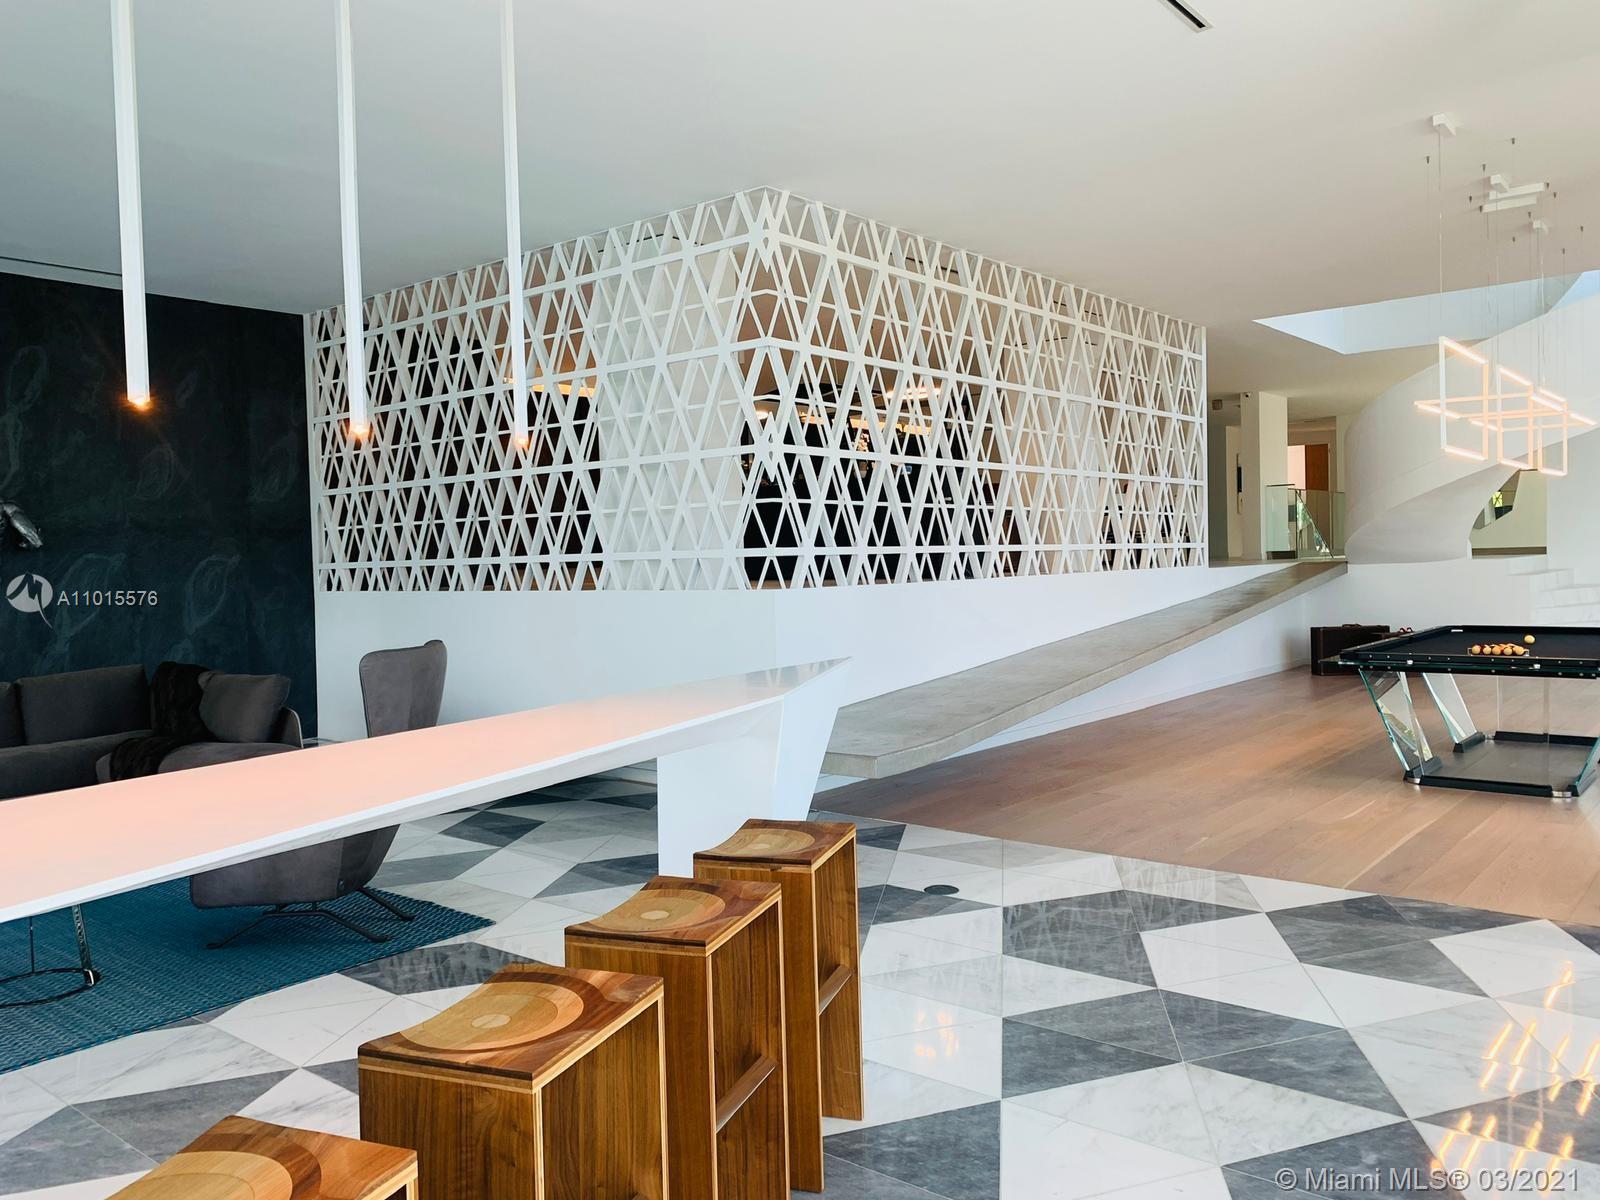 1201 N Venetian Way Luxury Real Estate